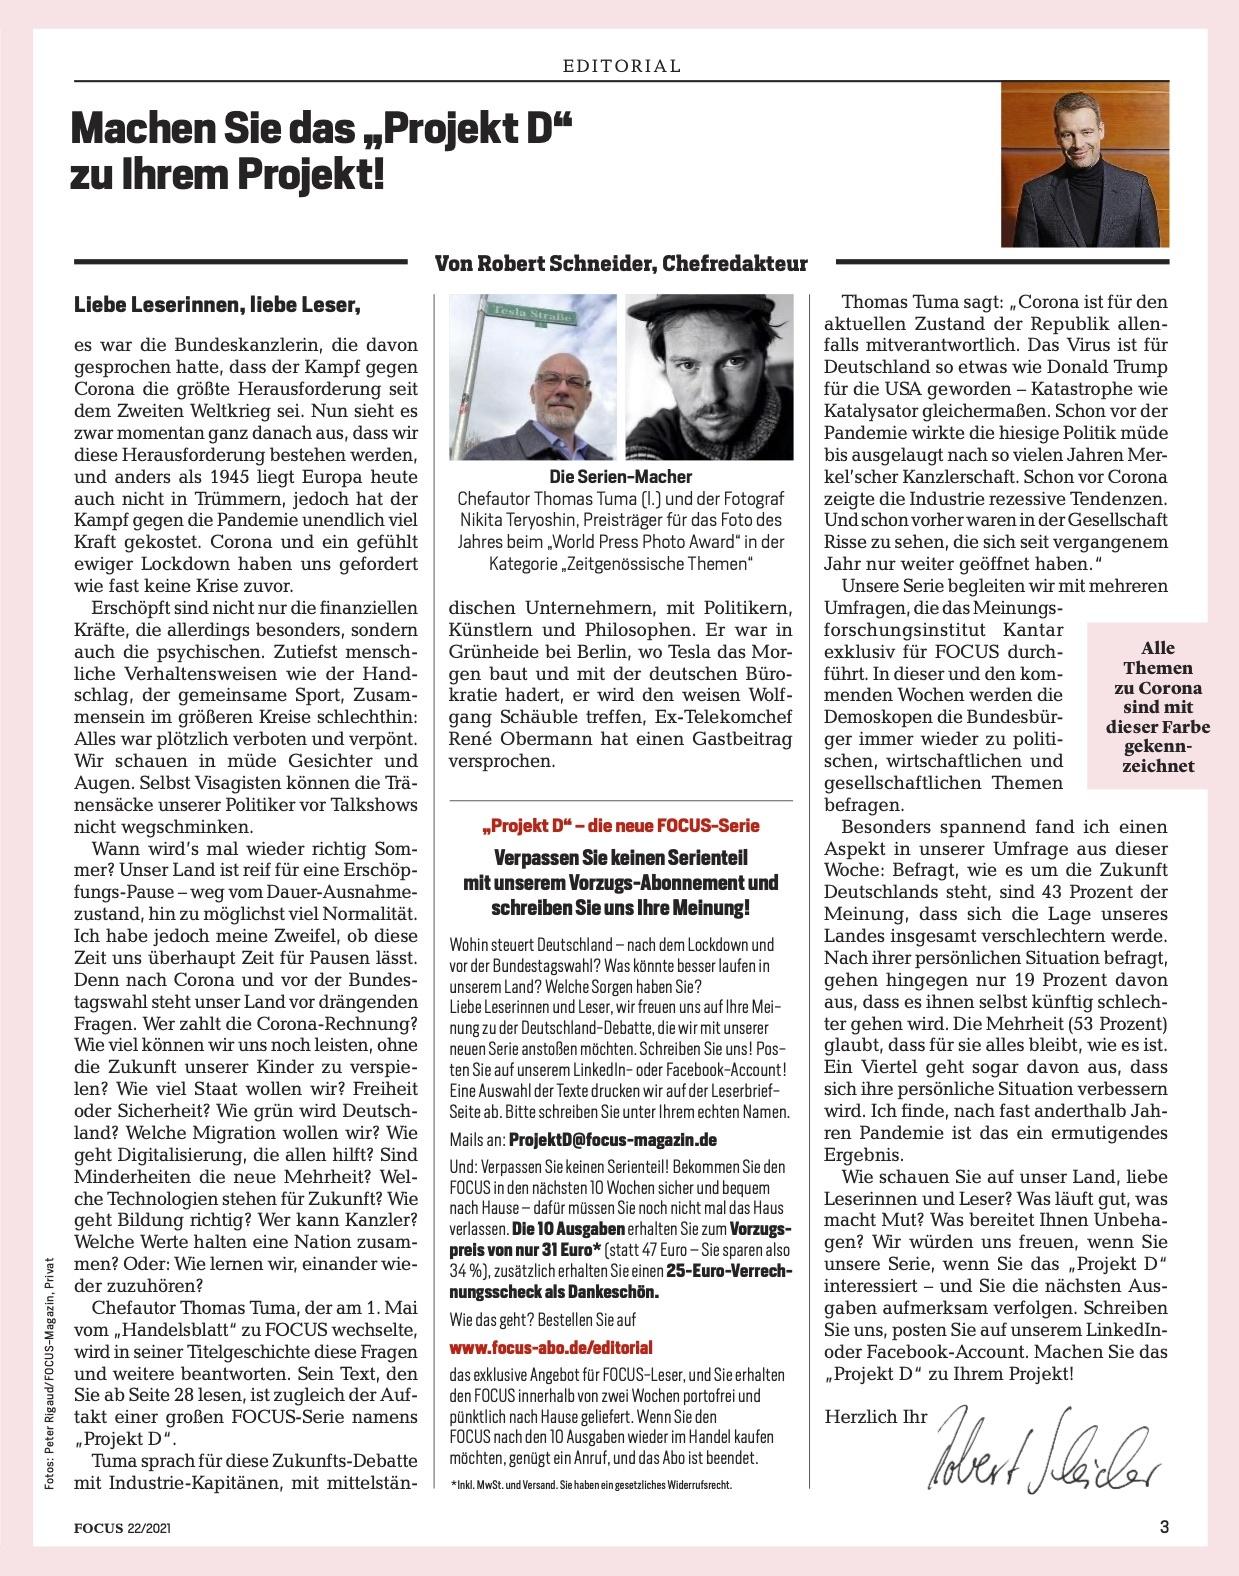 FOCUS Magazin FOCUS Magazin - Mission Deutschland